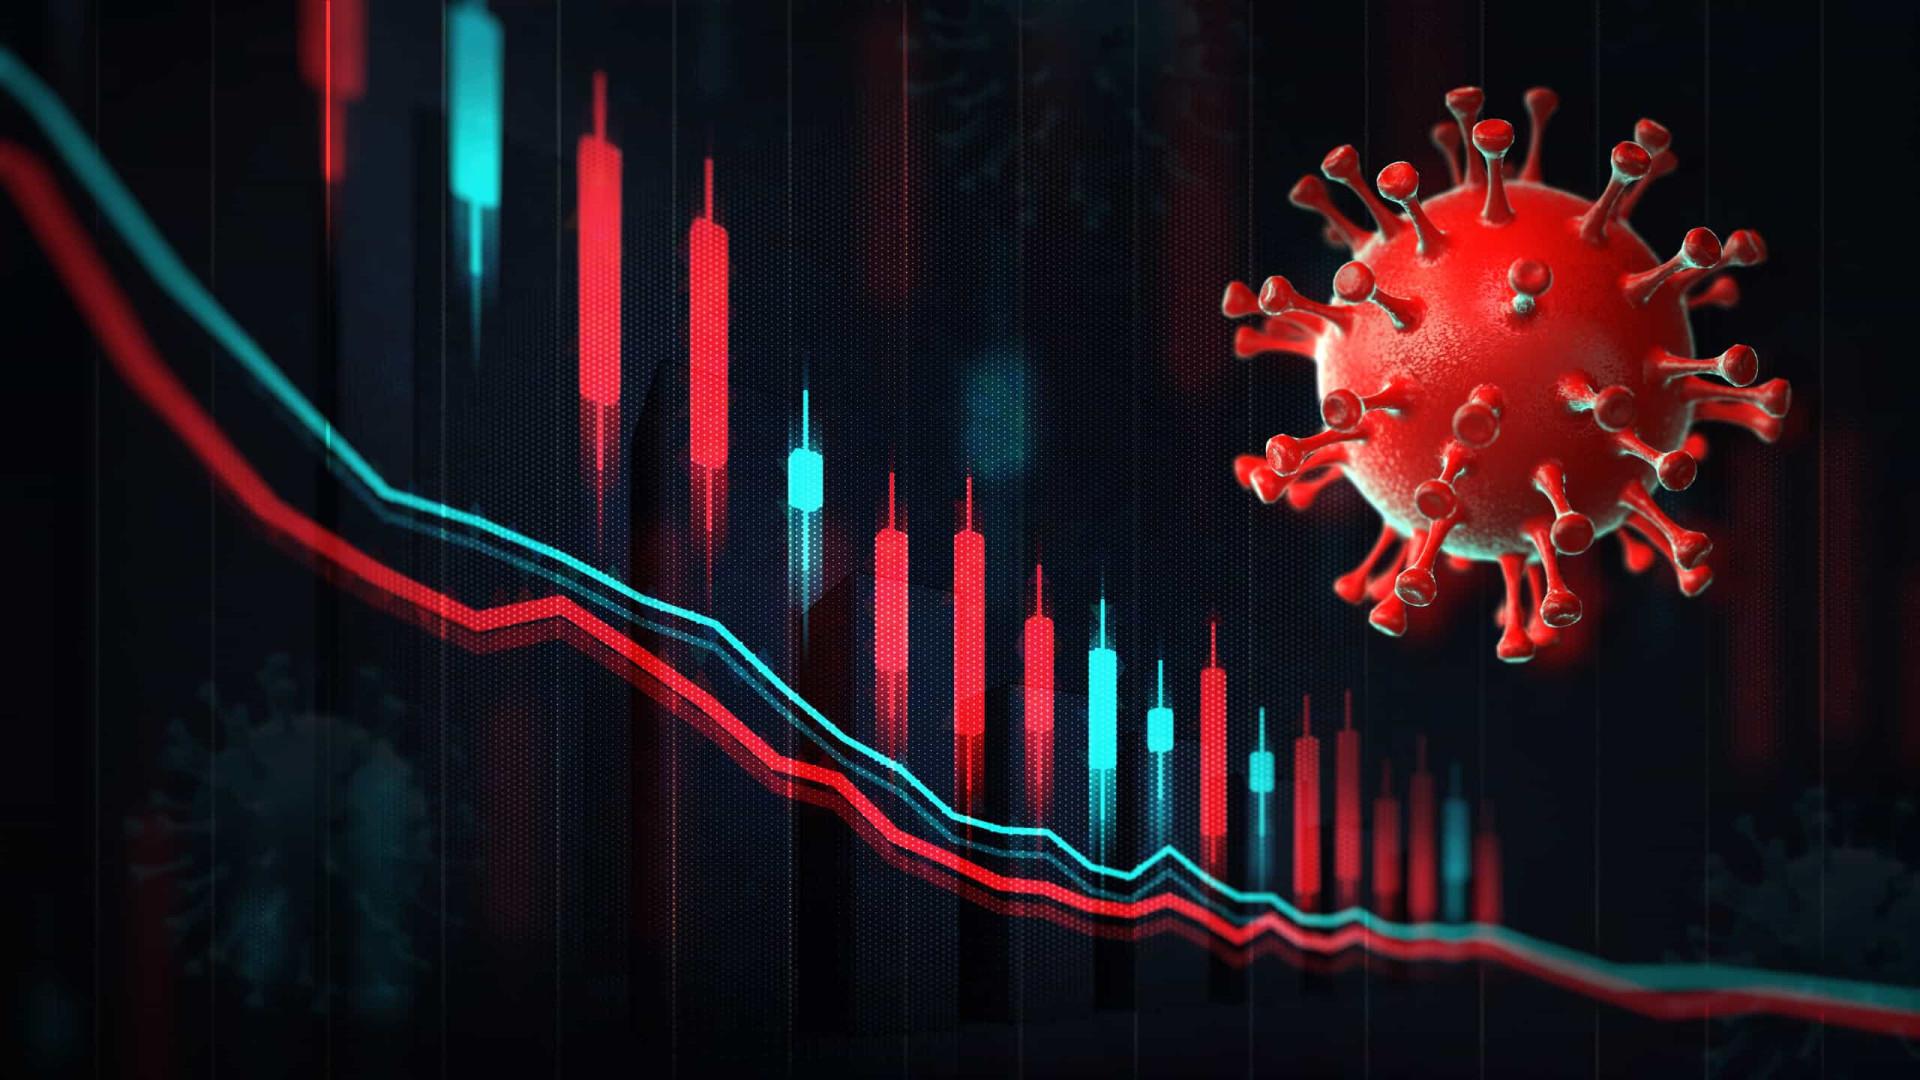 Pandemia afeta metas de fundos de pensão